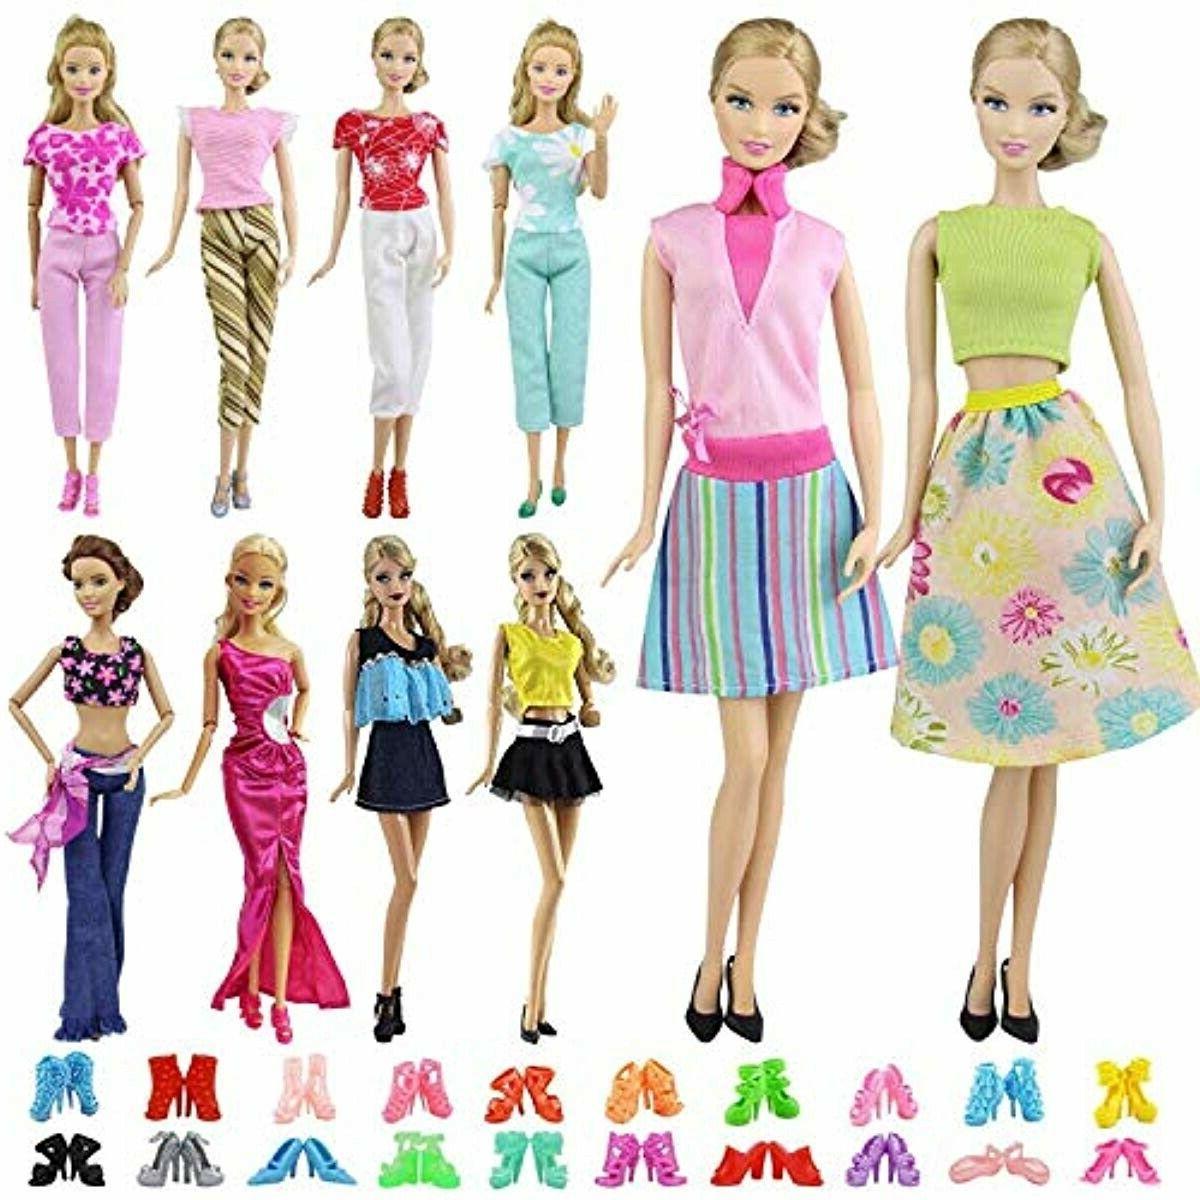 15 pcs 11 5 doll dress accessories